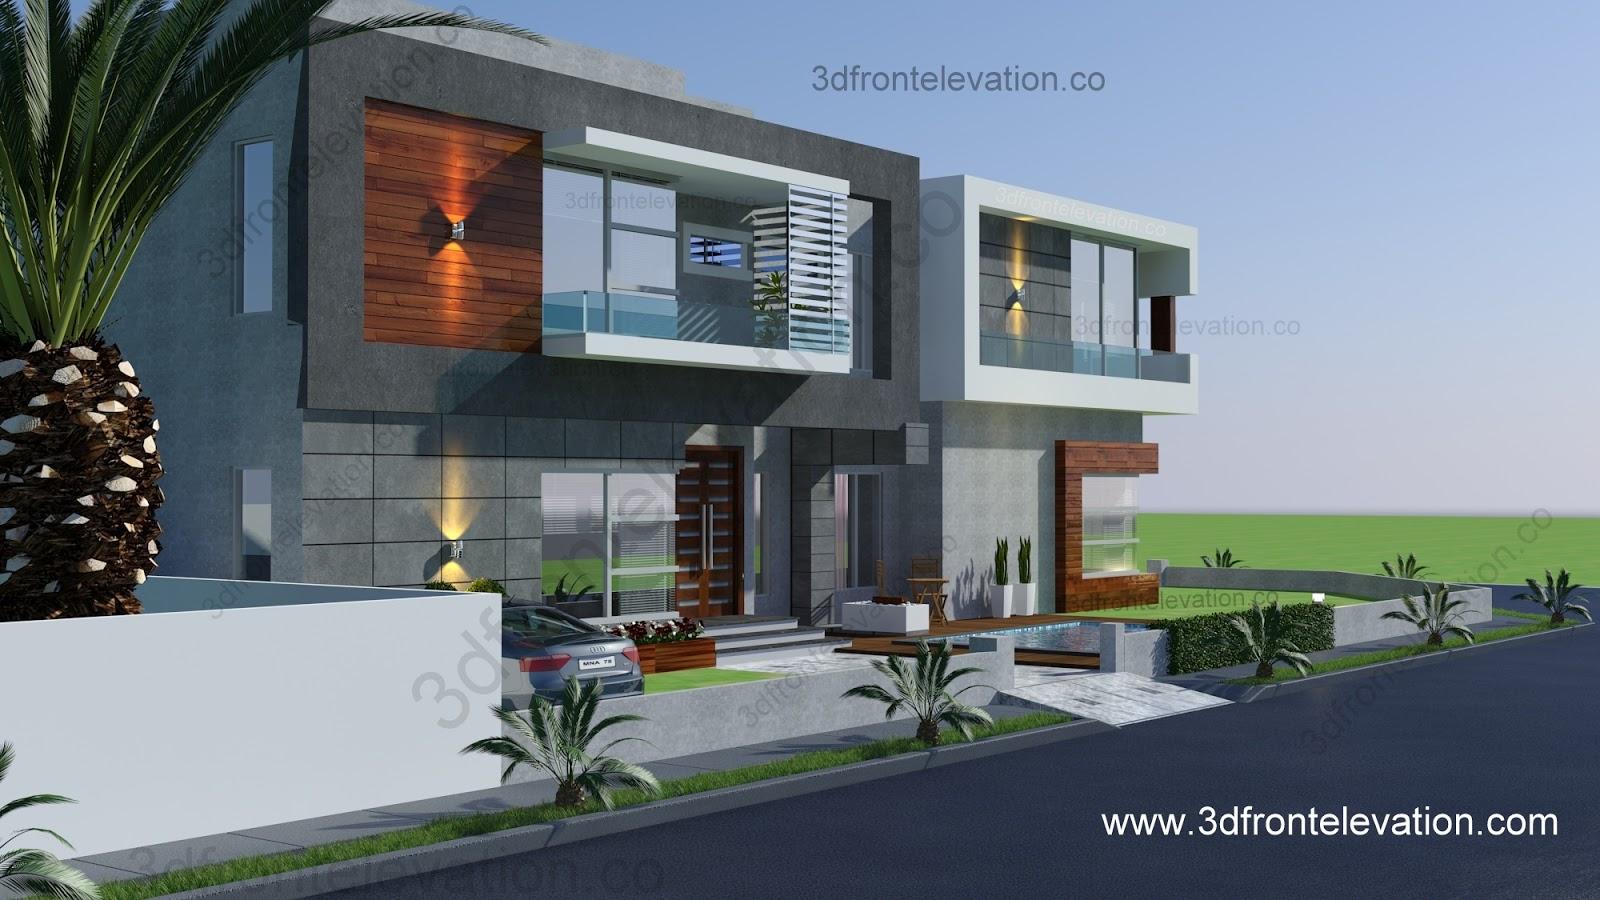 Front Elevation Corner : D front elevation m² corner فيلا جميلة للبيع في